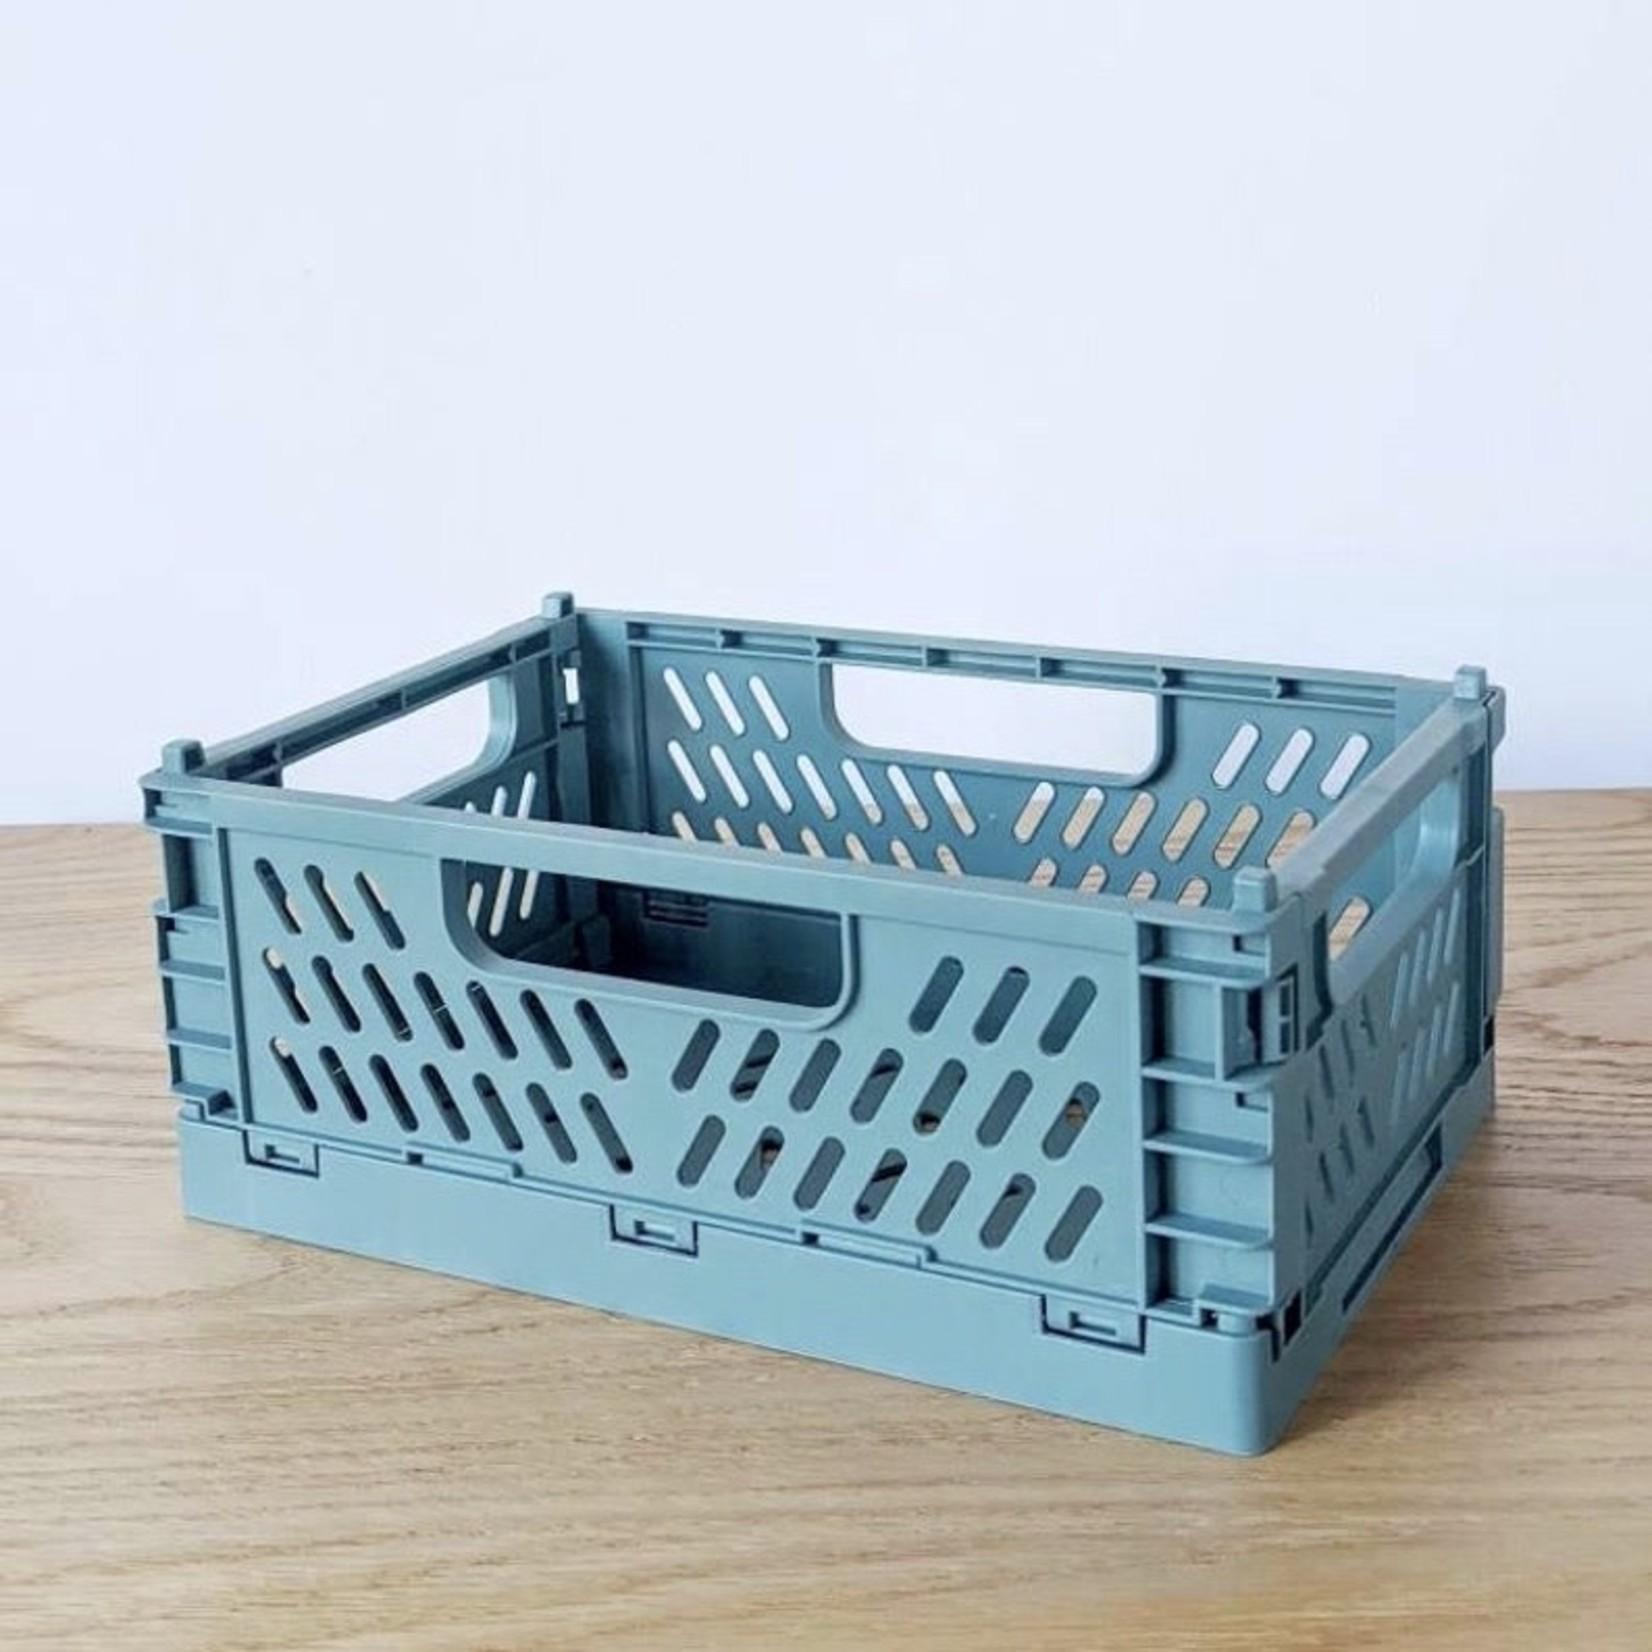 Humber General Store Mini Storage Crate